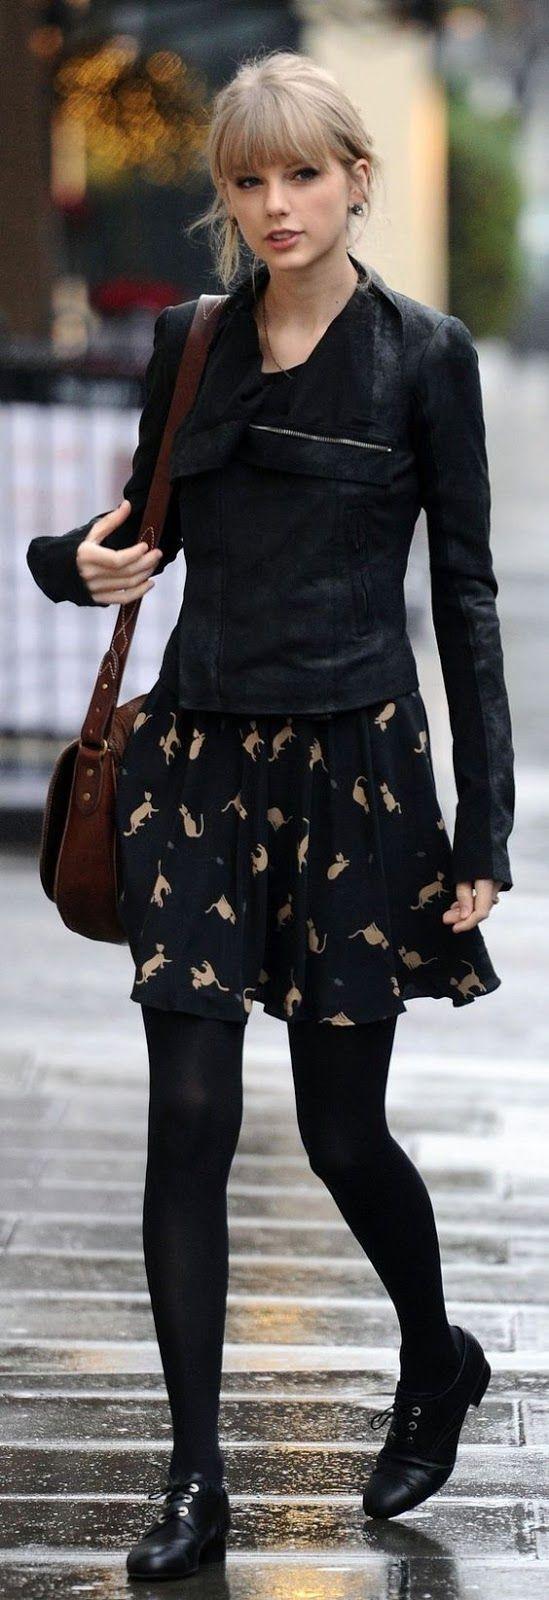 OUTFIT DEL DÍA: Look con falda estampada